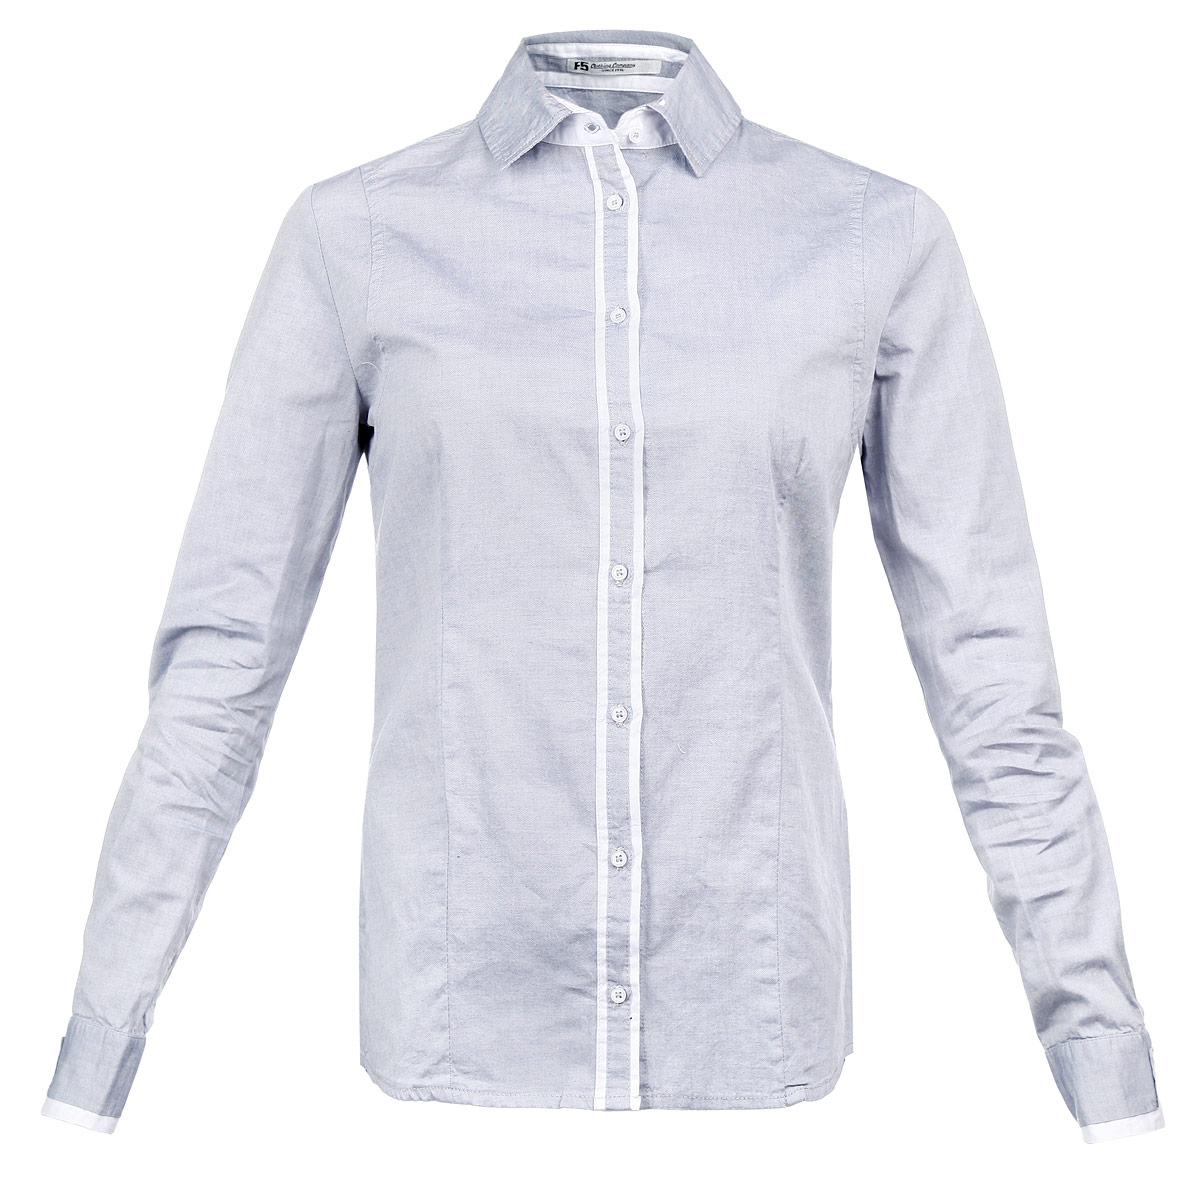 Рубашка женская. 17281 - F517281Симпатичная женская рубашка F5, выполненная из высококачественного материала, очень комфортна при носке. Модель приталенного кроя с полукруглым низом, длинными рукавами и отложным воротничком застегивается на пуговицы. Манжеты и планка с пуговицами отделаны вставками из материала контрастного цвета. Такая рубашка будет дарить вам комфорт в течение всего дня и послужит замечательным дополнением к вашему гардеробу.